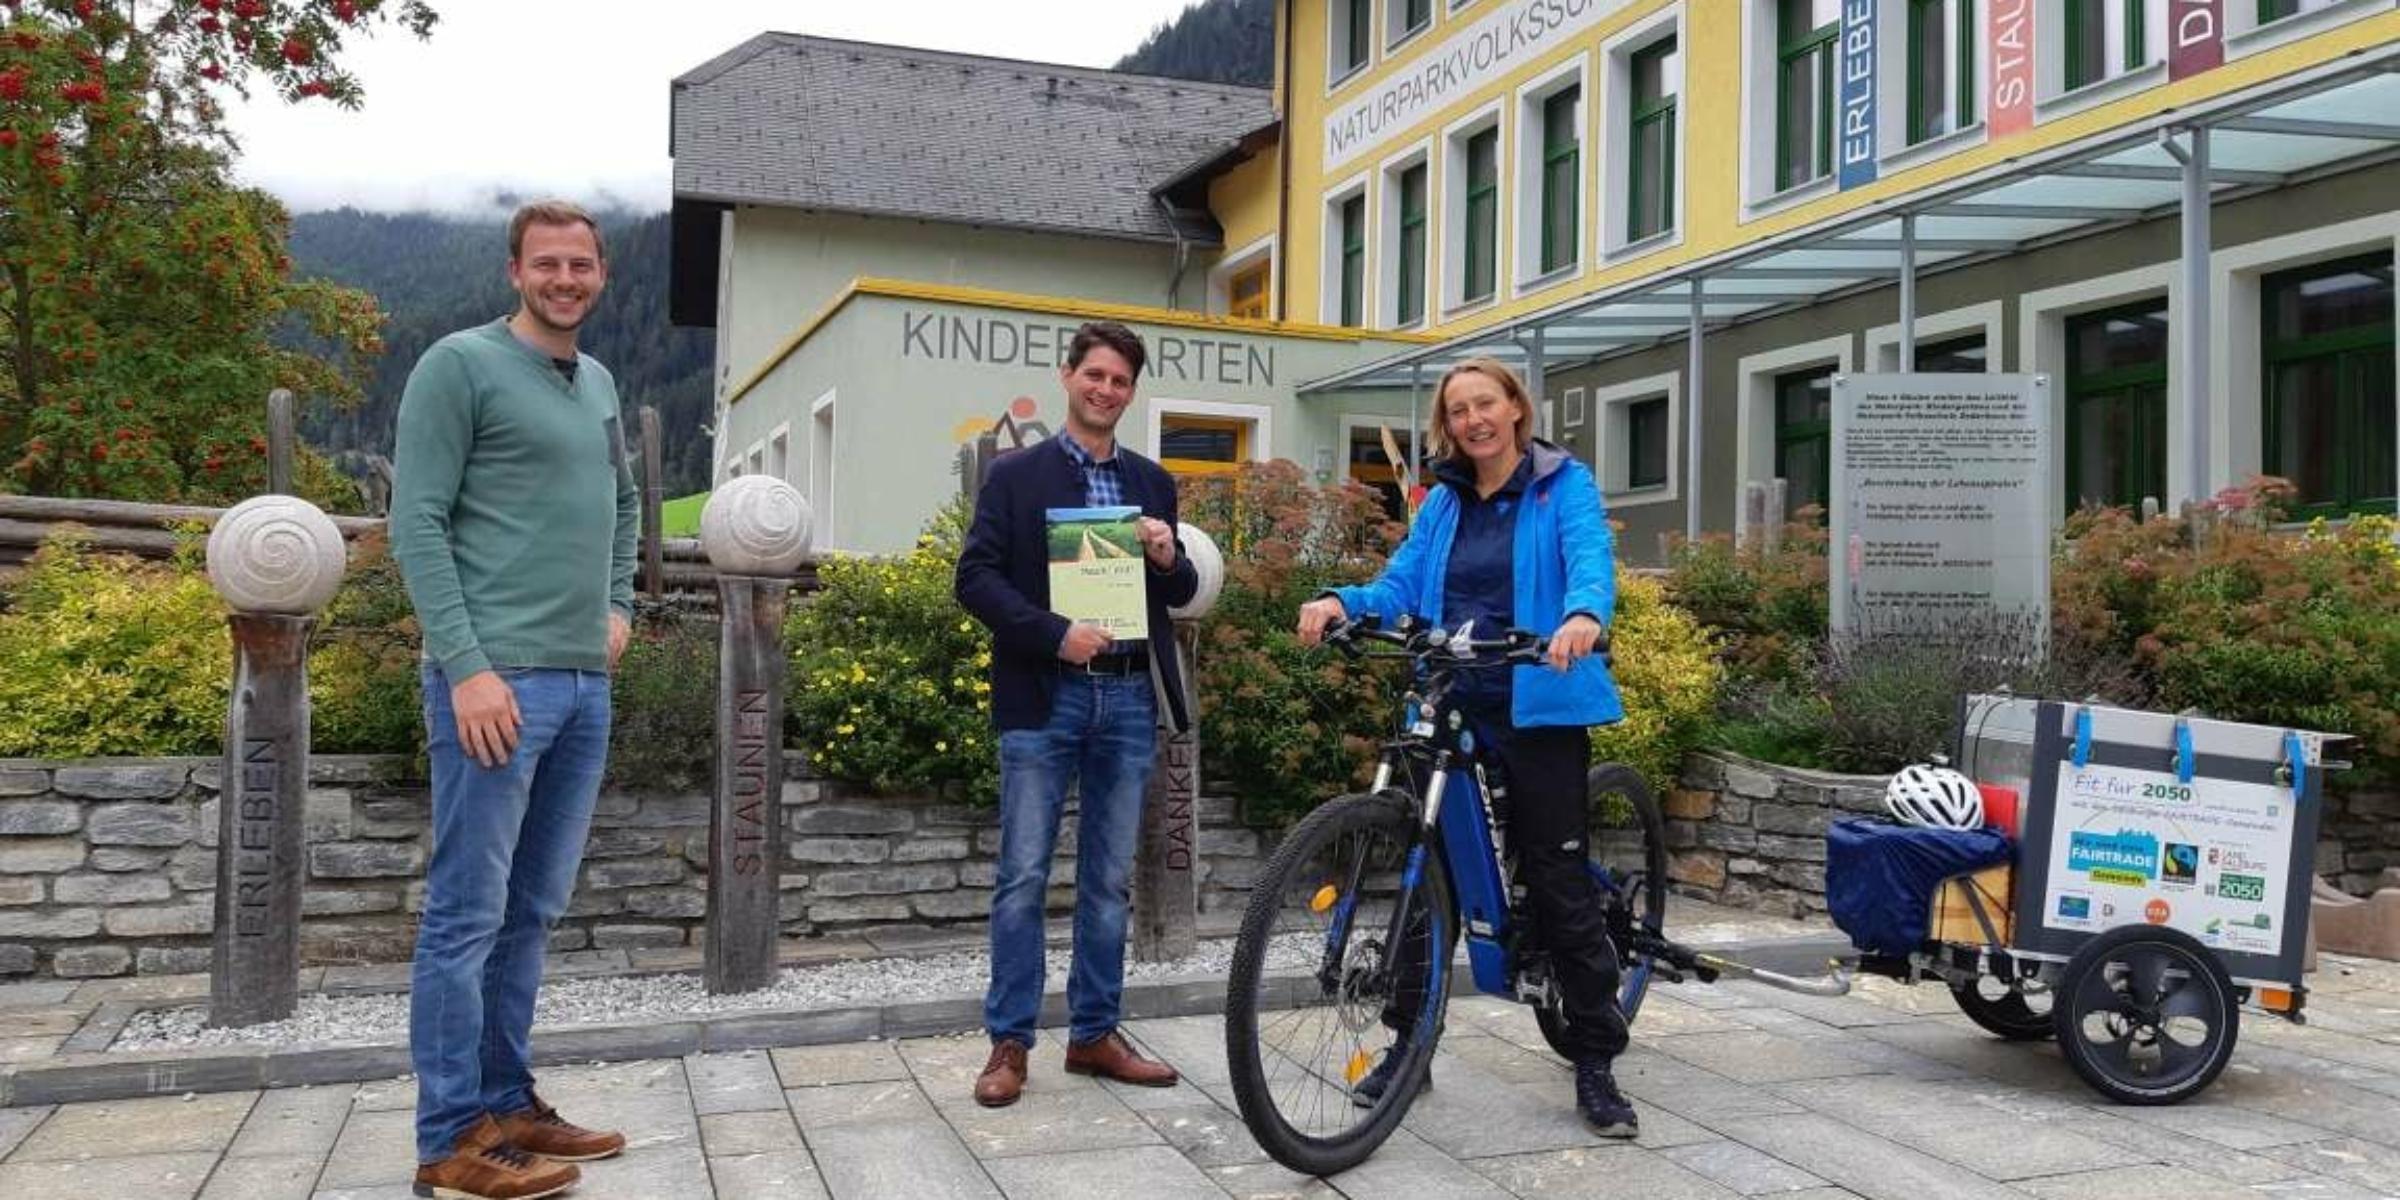 Besuch mit dem Fit für 2050 Radanhänger in der Gemeinde von Zederhaus